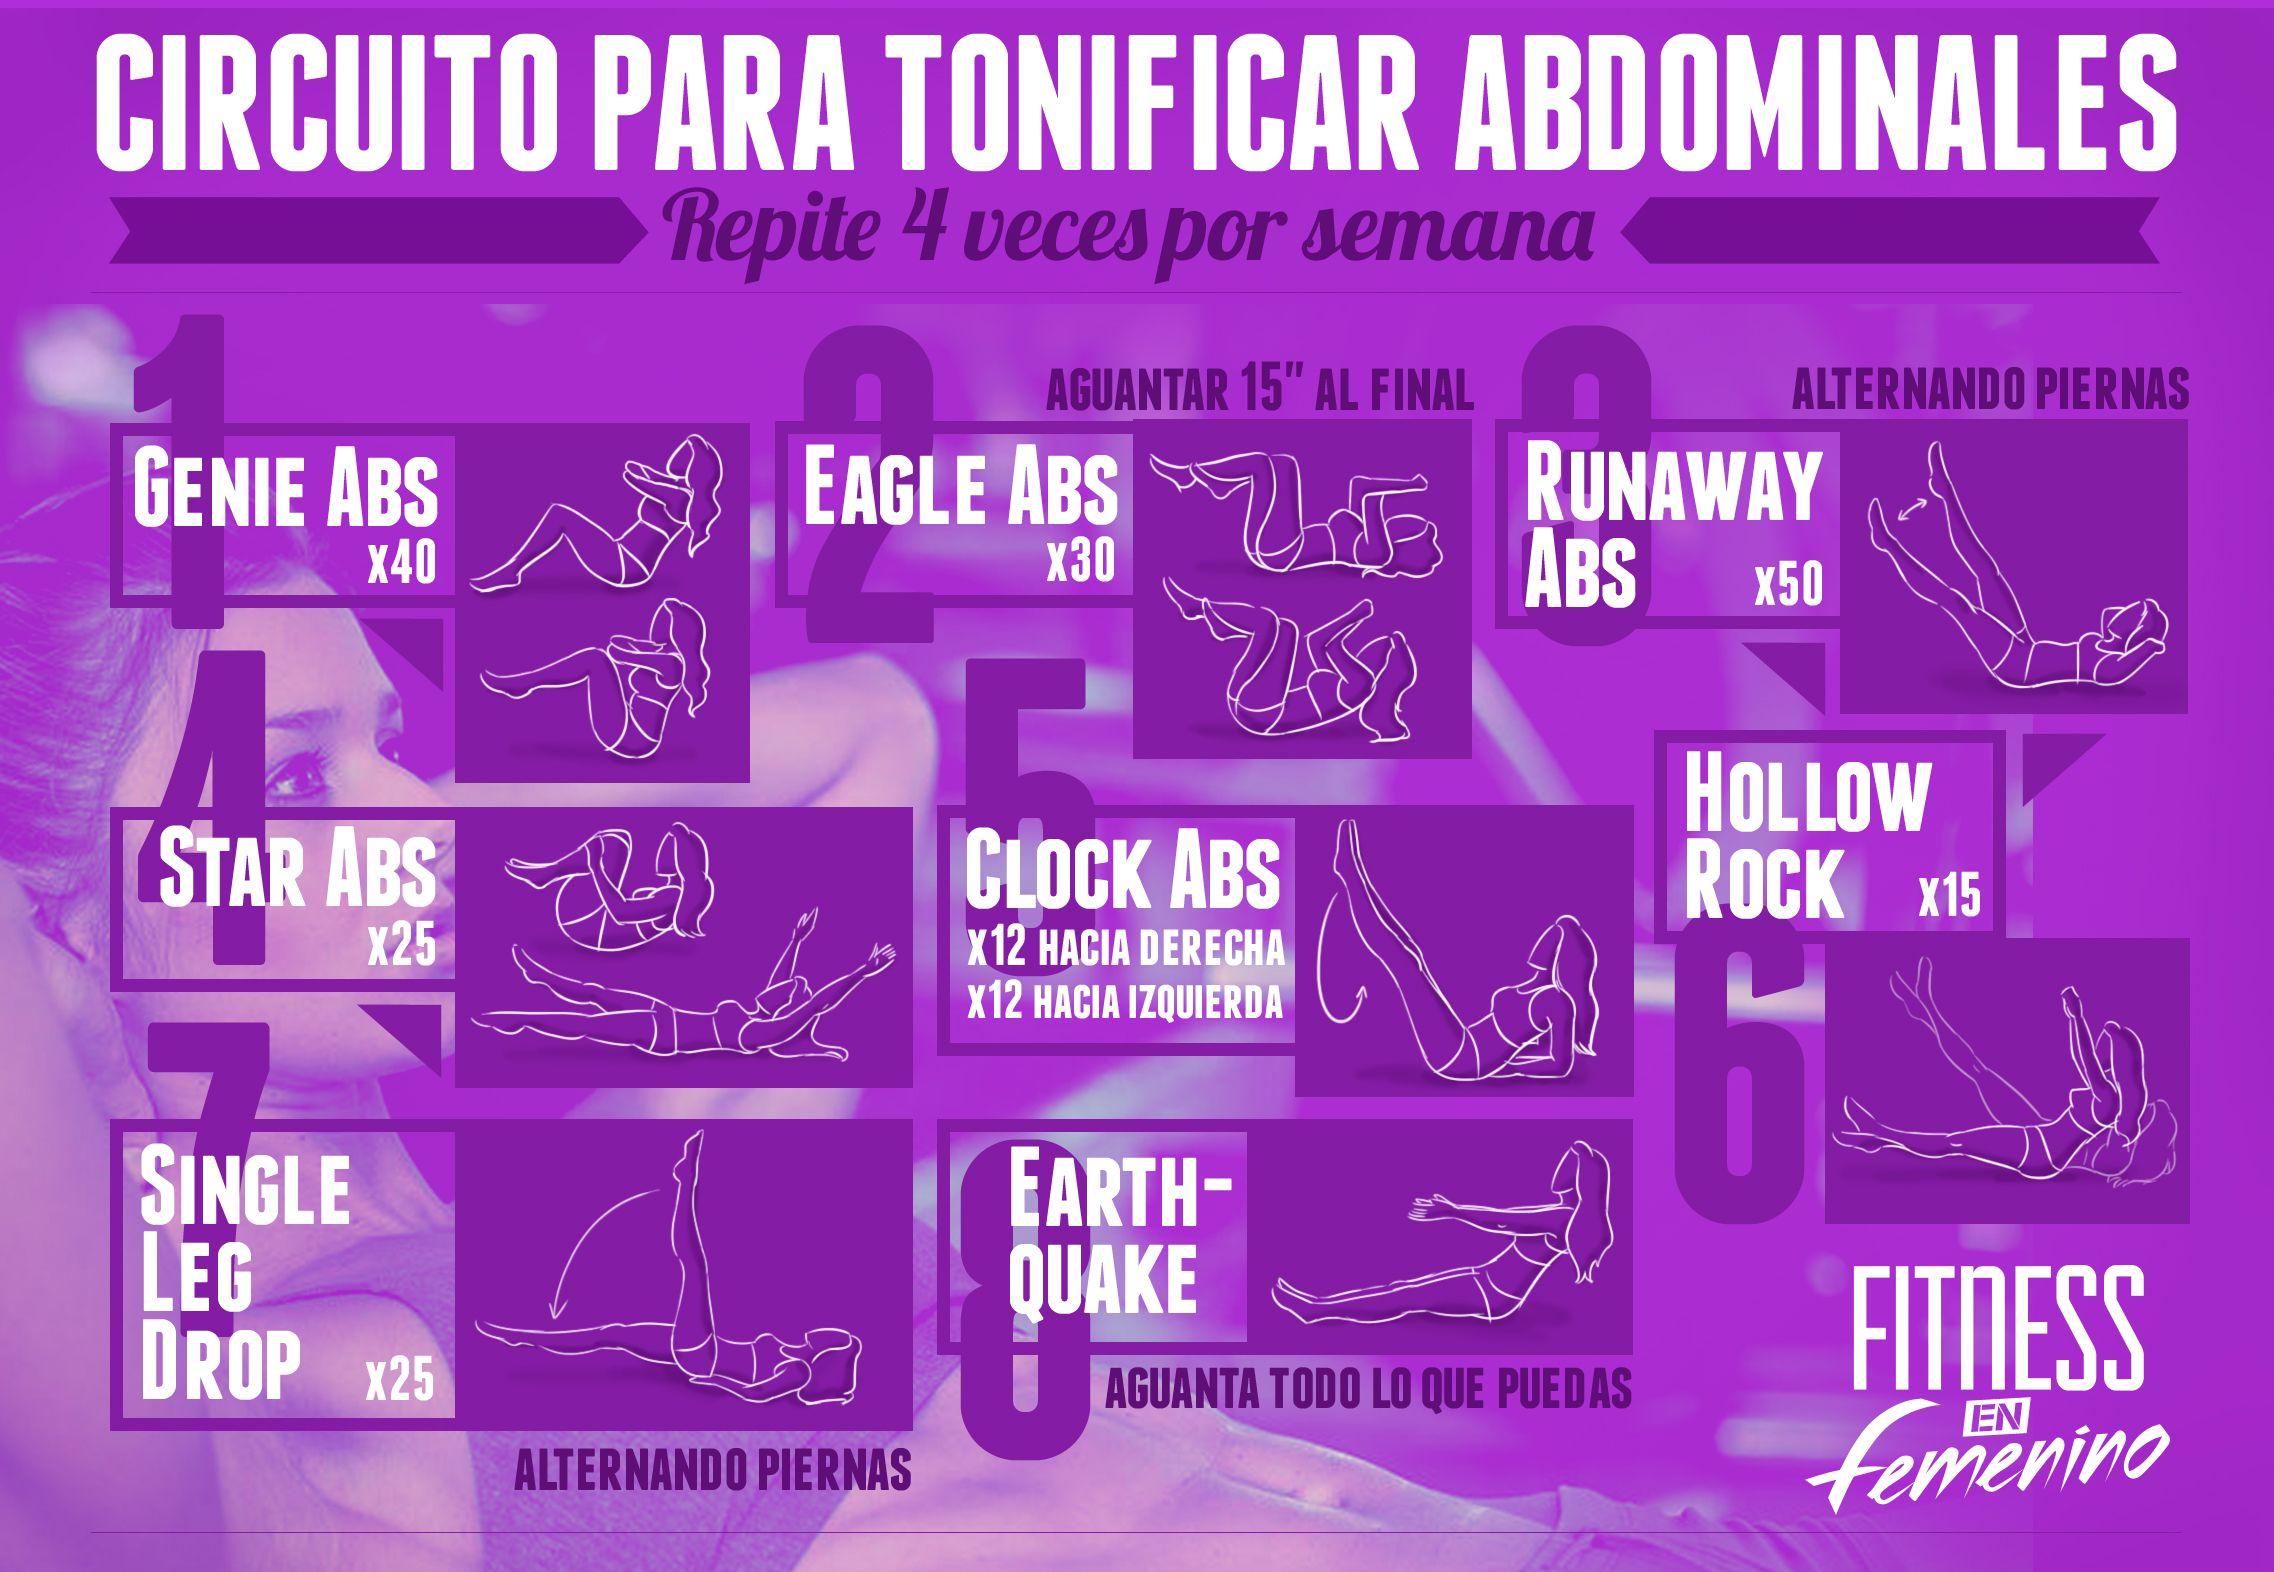 Pin De Giovanna Martinez En Rutinas Y Ejercicios Abdominales Circuito De Abdominales Fitness